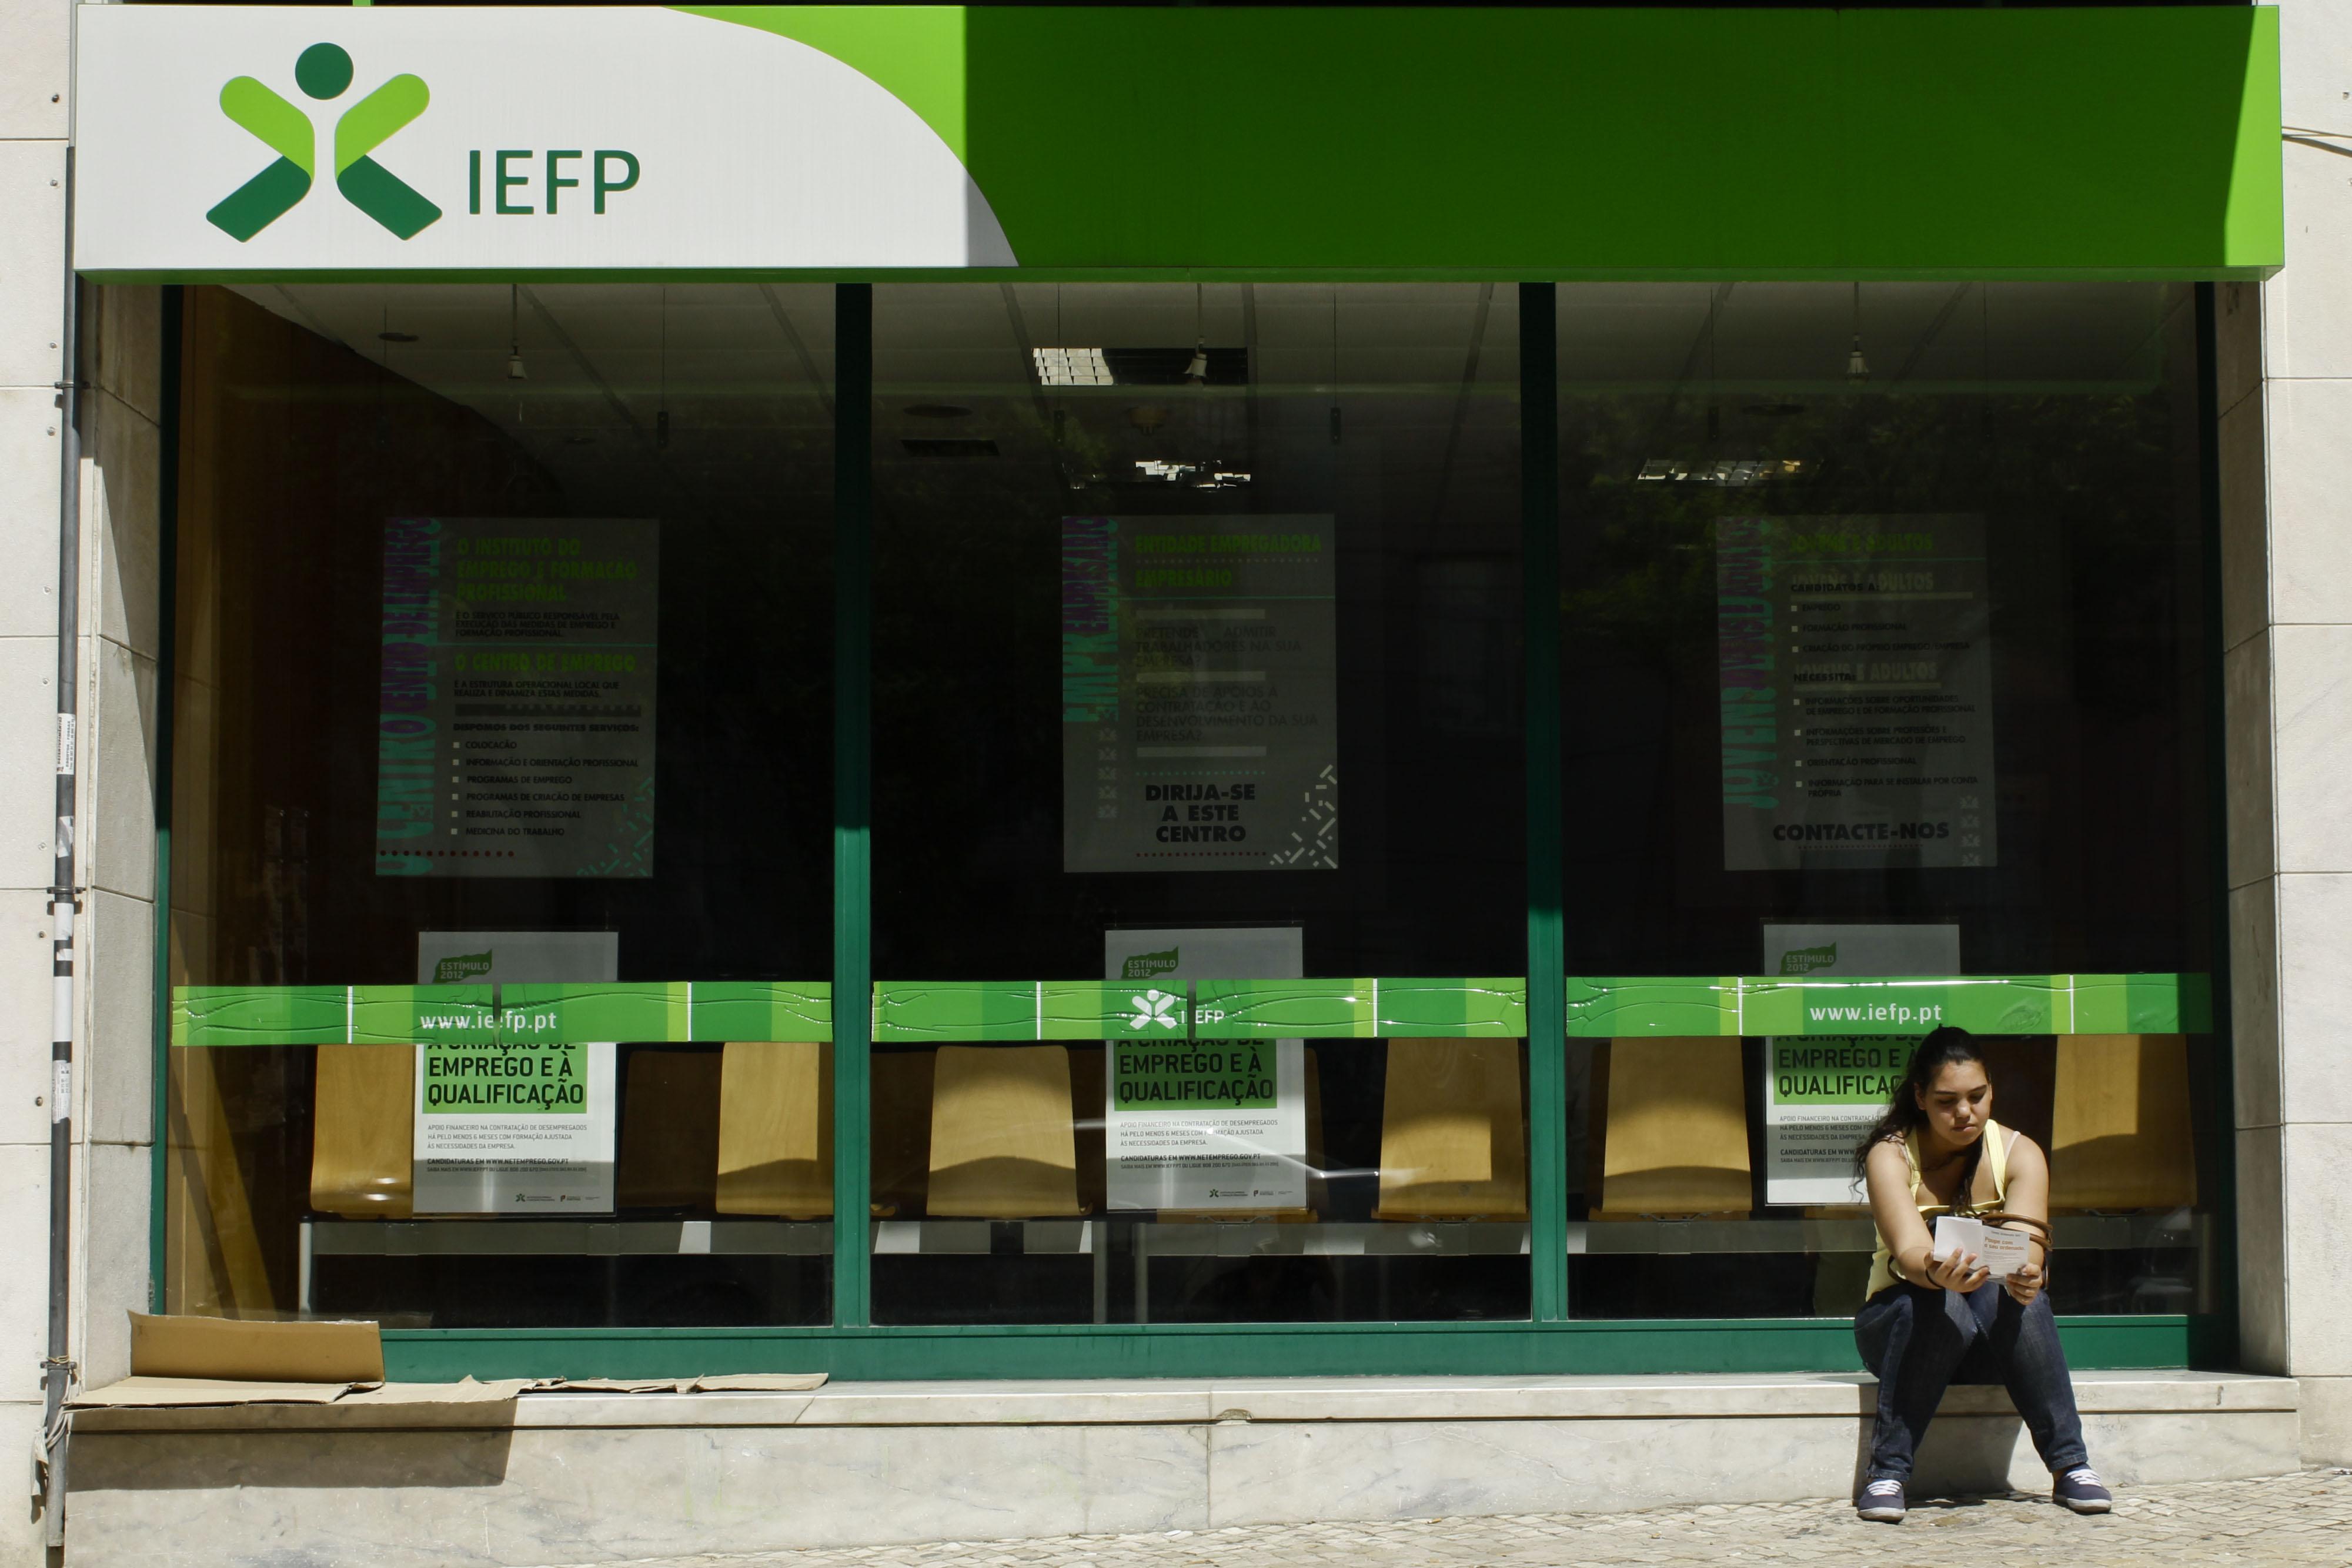 Desemprego. Número de registados cai 20,6% em julho face ao mesmo mês em 2017